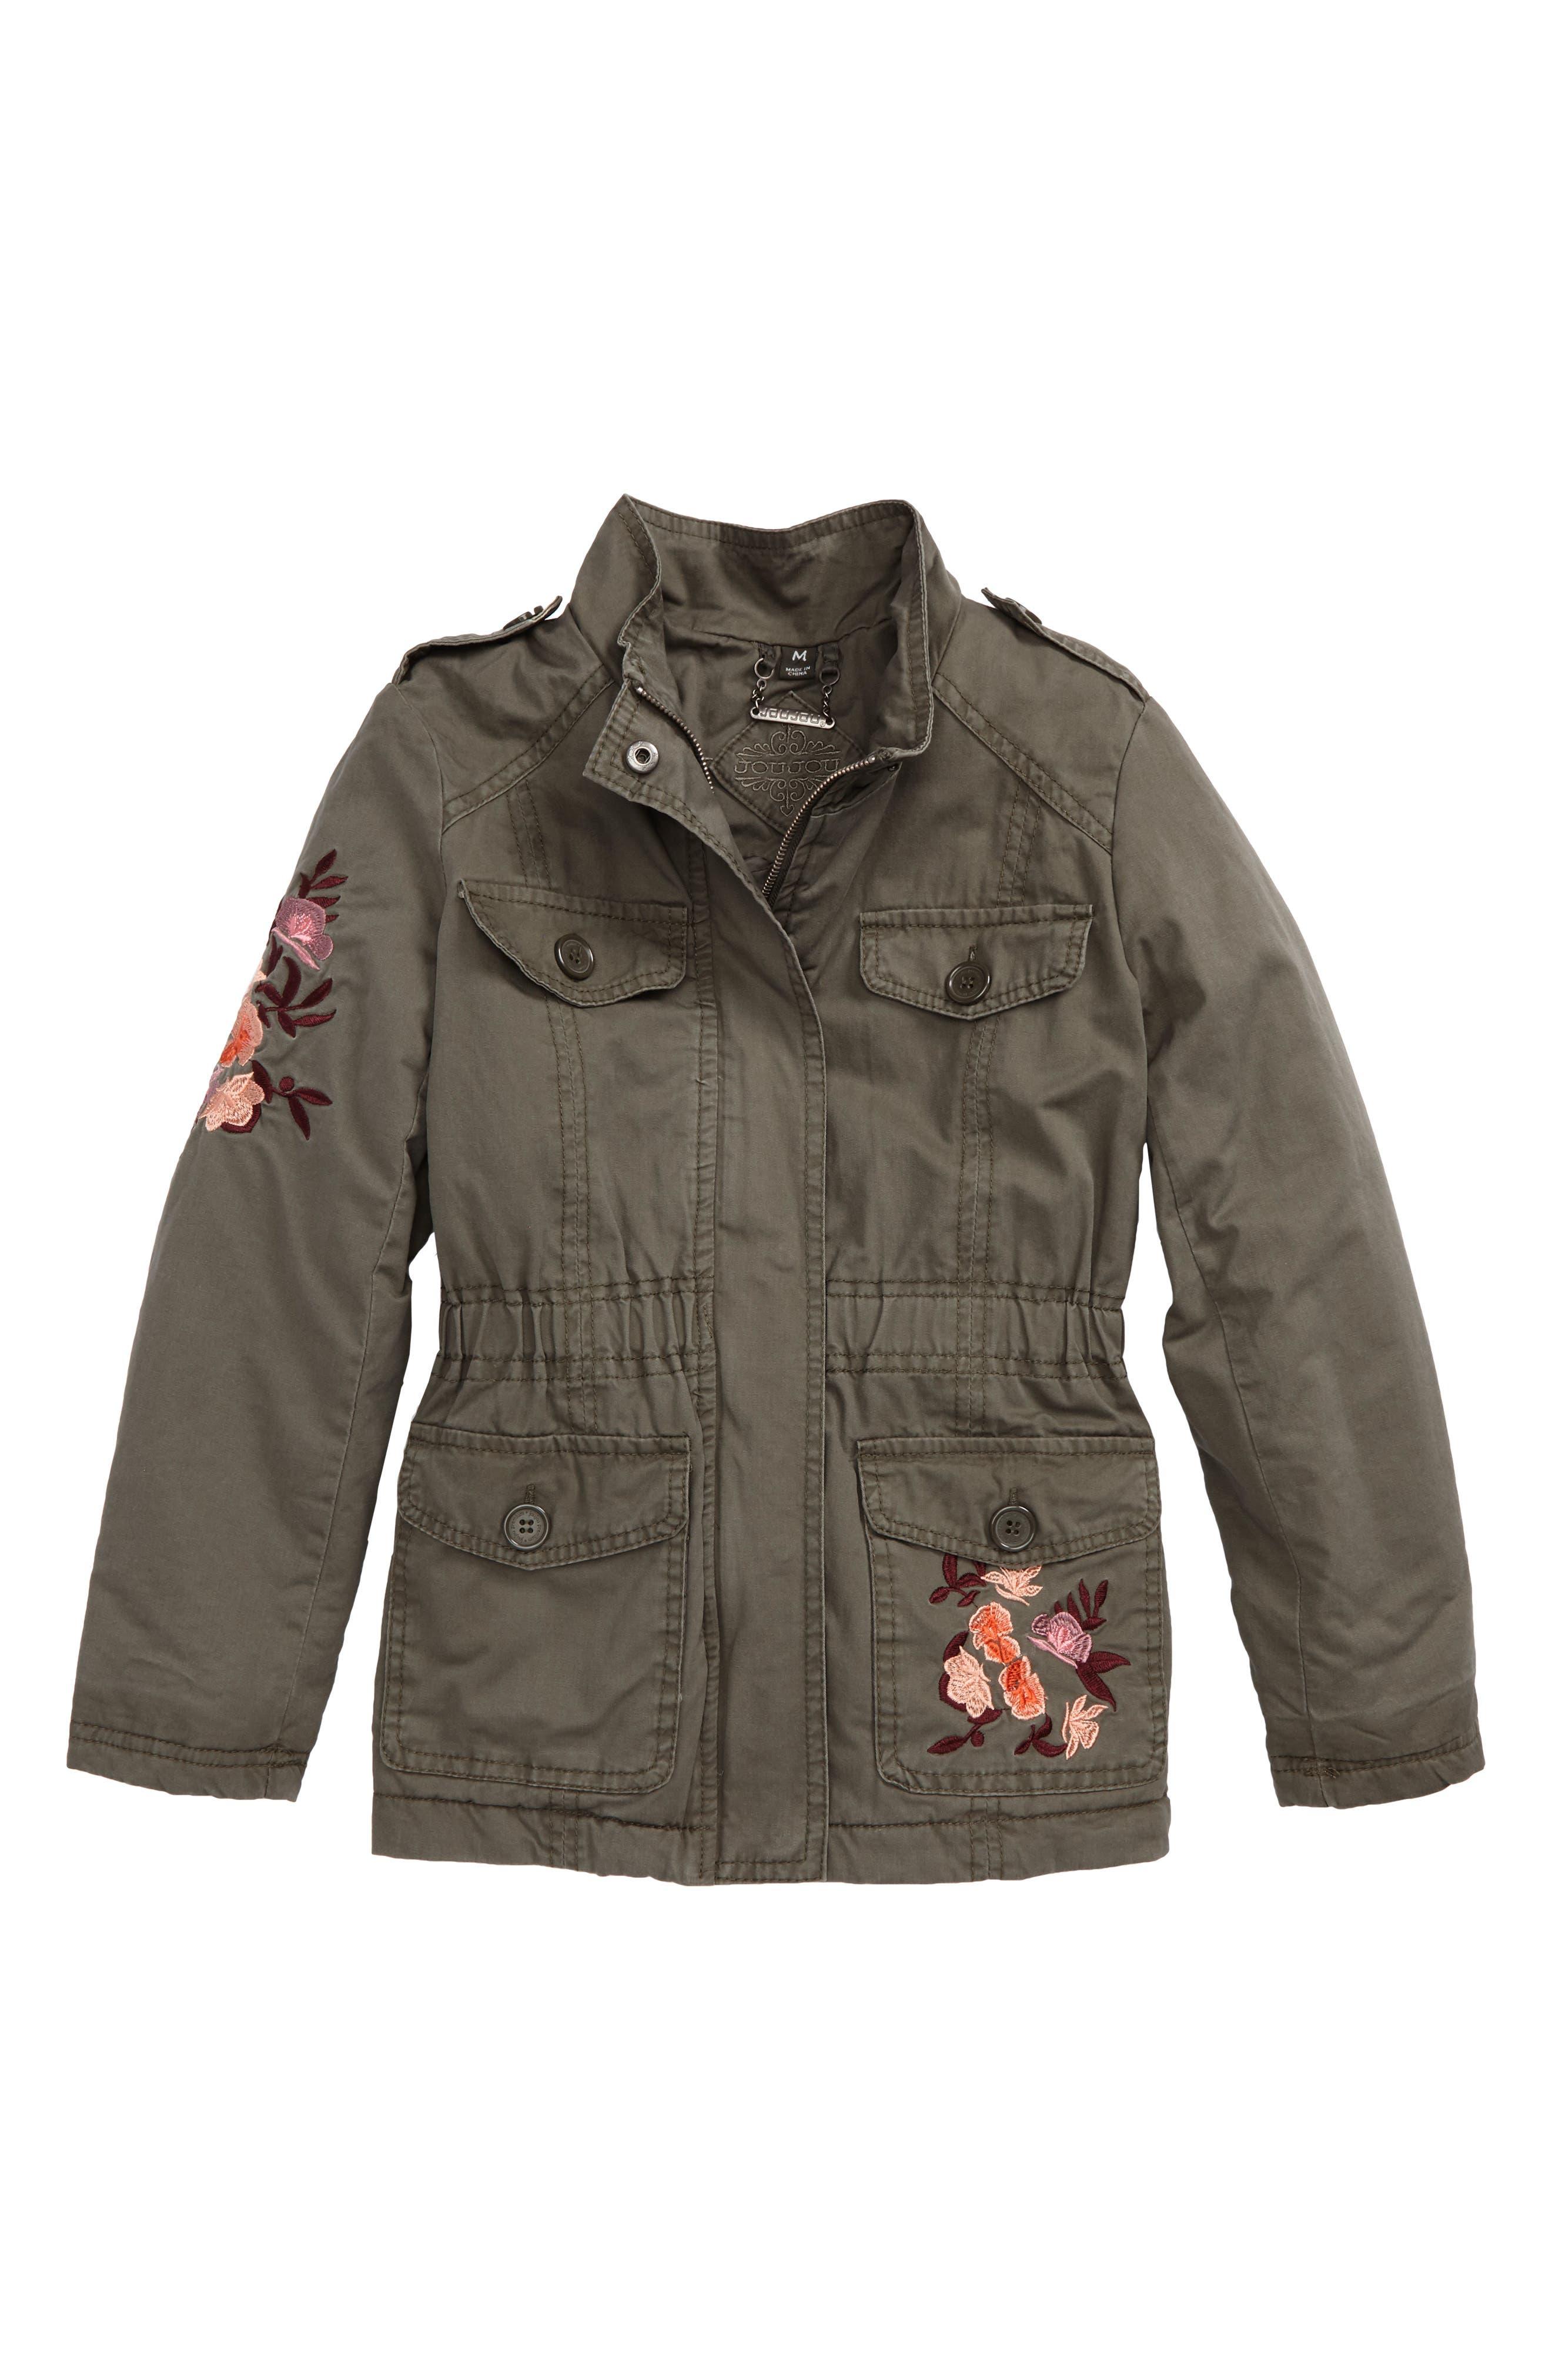 Alternate Image 1 Selected - Jou Jou Embroidered Utility Jacket (Big Girls)